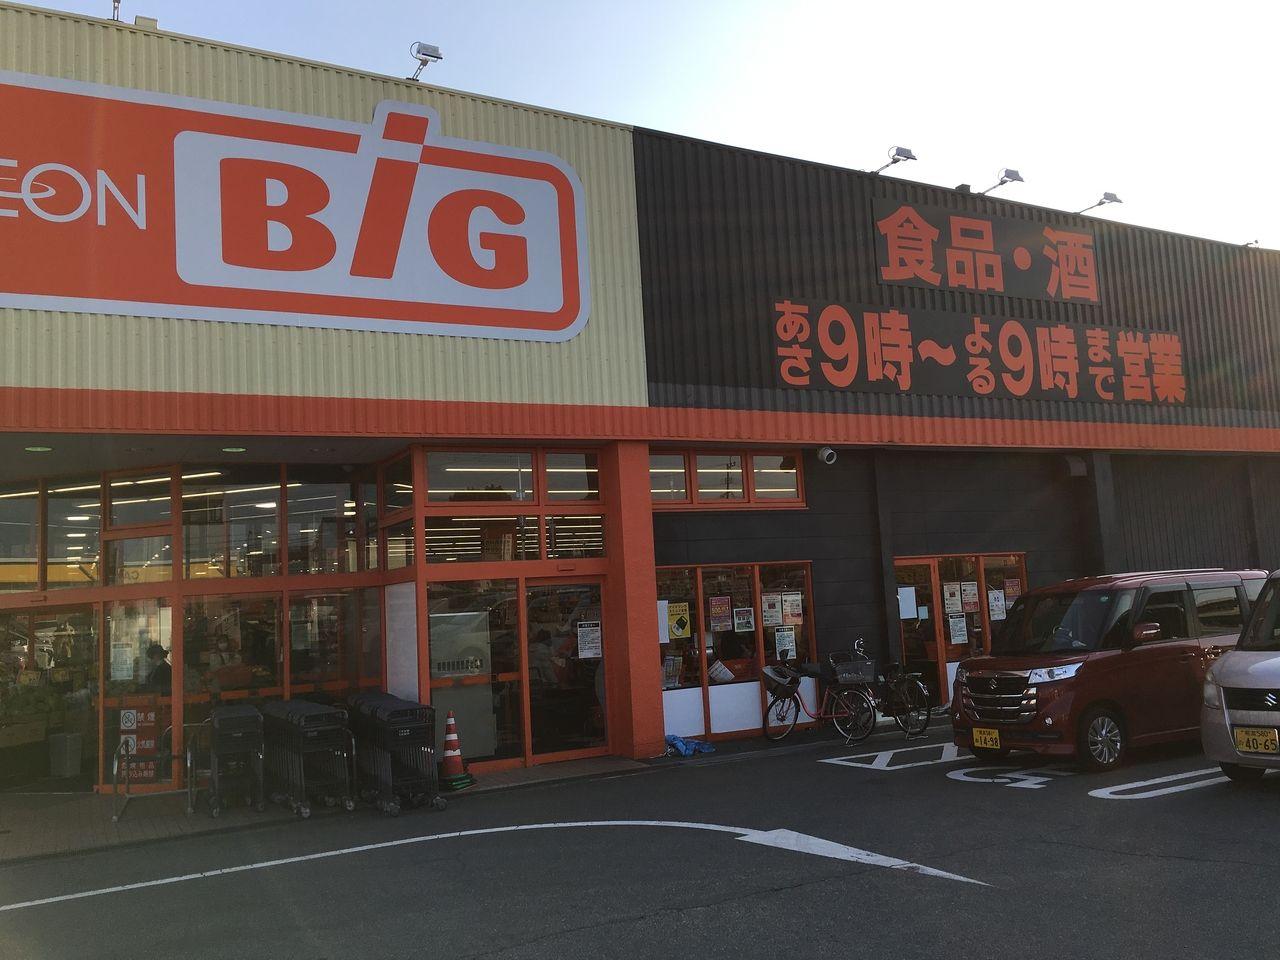 熊本市東区桜木・花立商店街にあるザ・ビッグ桜木店はあさ9時~よる9時まで営業しています